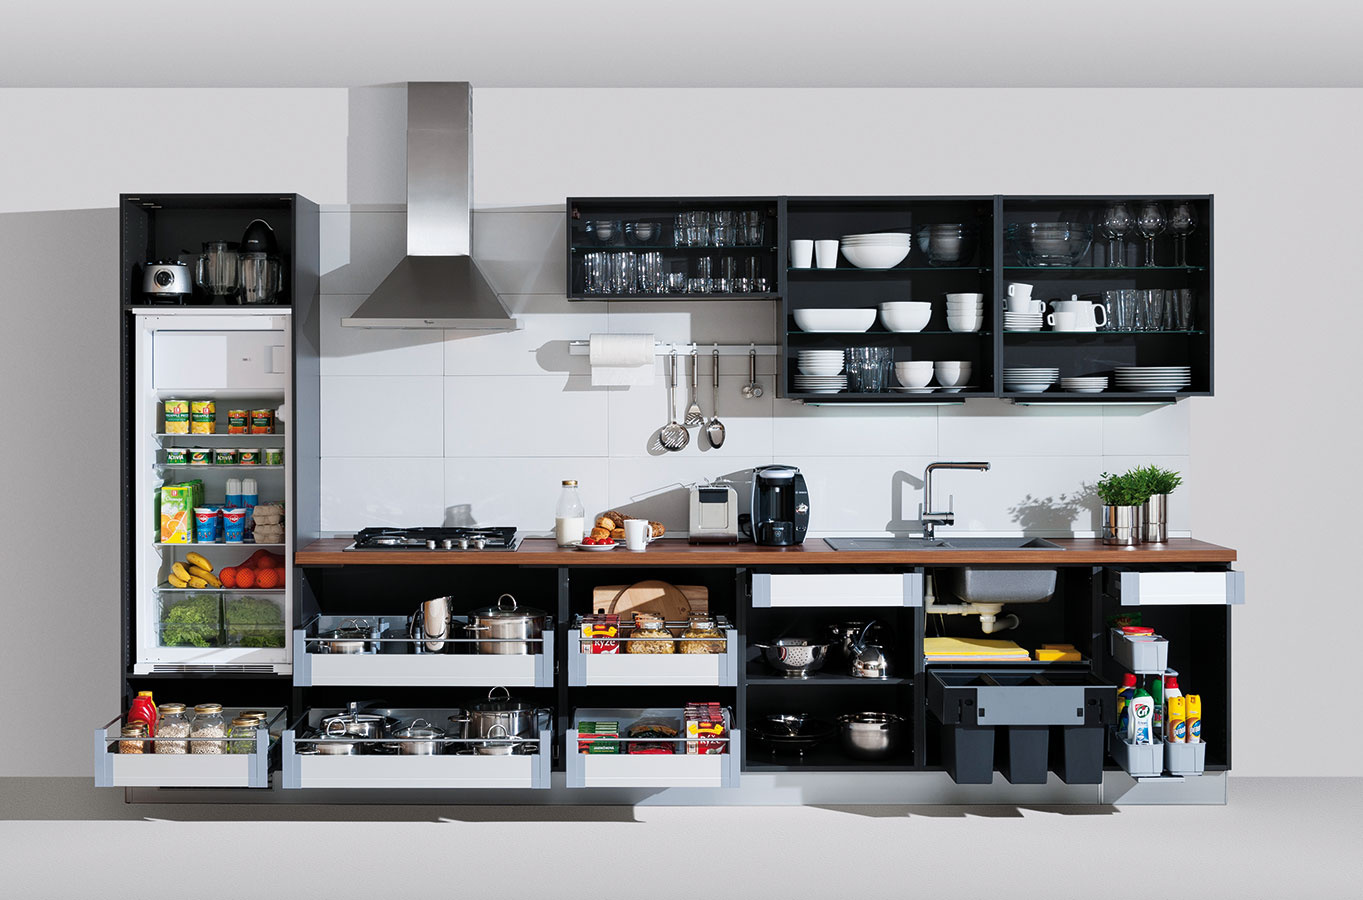 Precízny plán je základom aj pri návrhu kuchyne. Či už si ho vytvárate sami, alebo si necháte poradiť, dobre si premyslite, čo do ktorej skrinky umiestnite aako ju rozvrhnete. Vspodnej línii skriniek sú preferovaným riešením plnovýsuvné zásuvky.